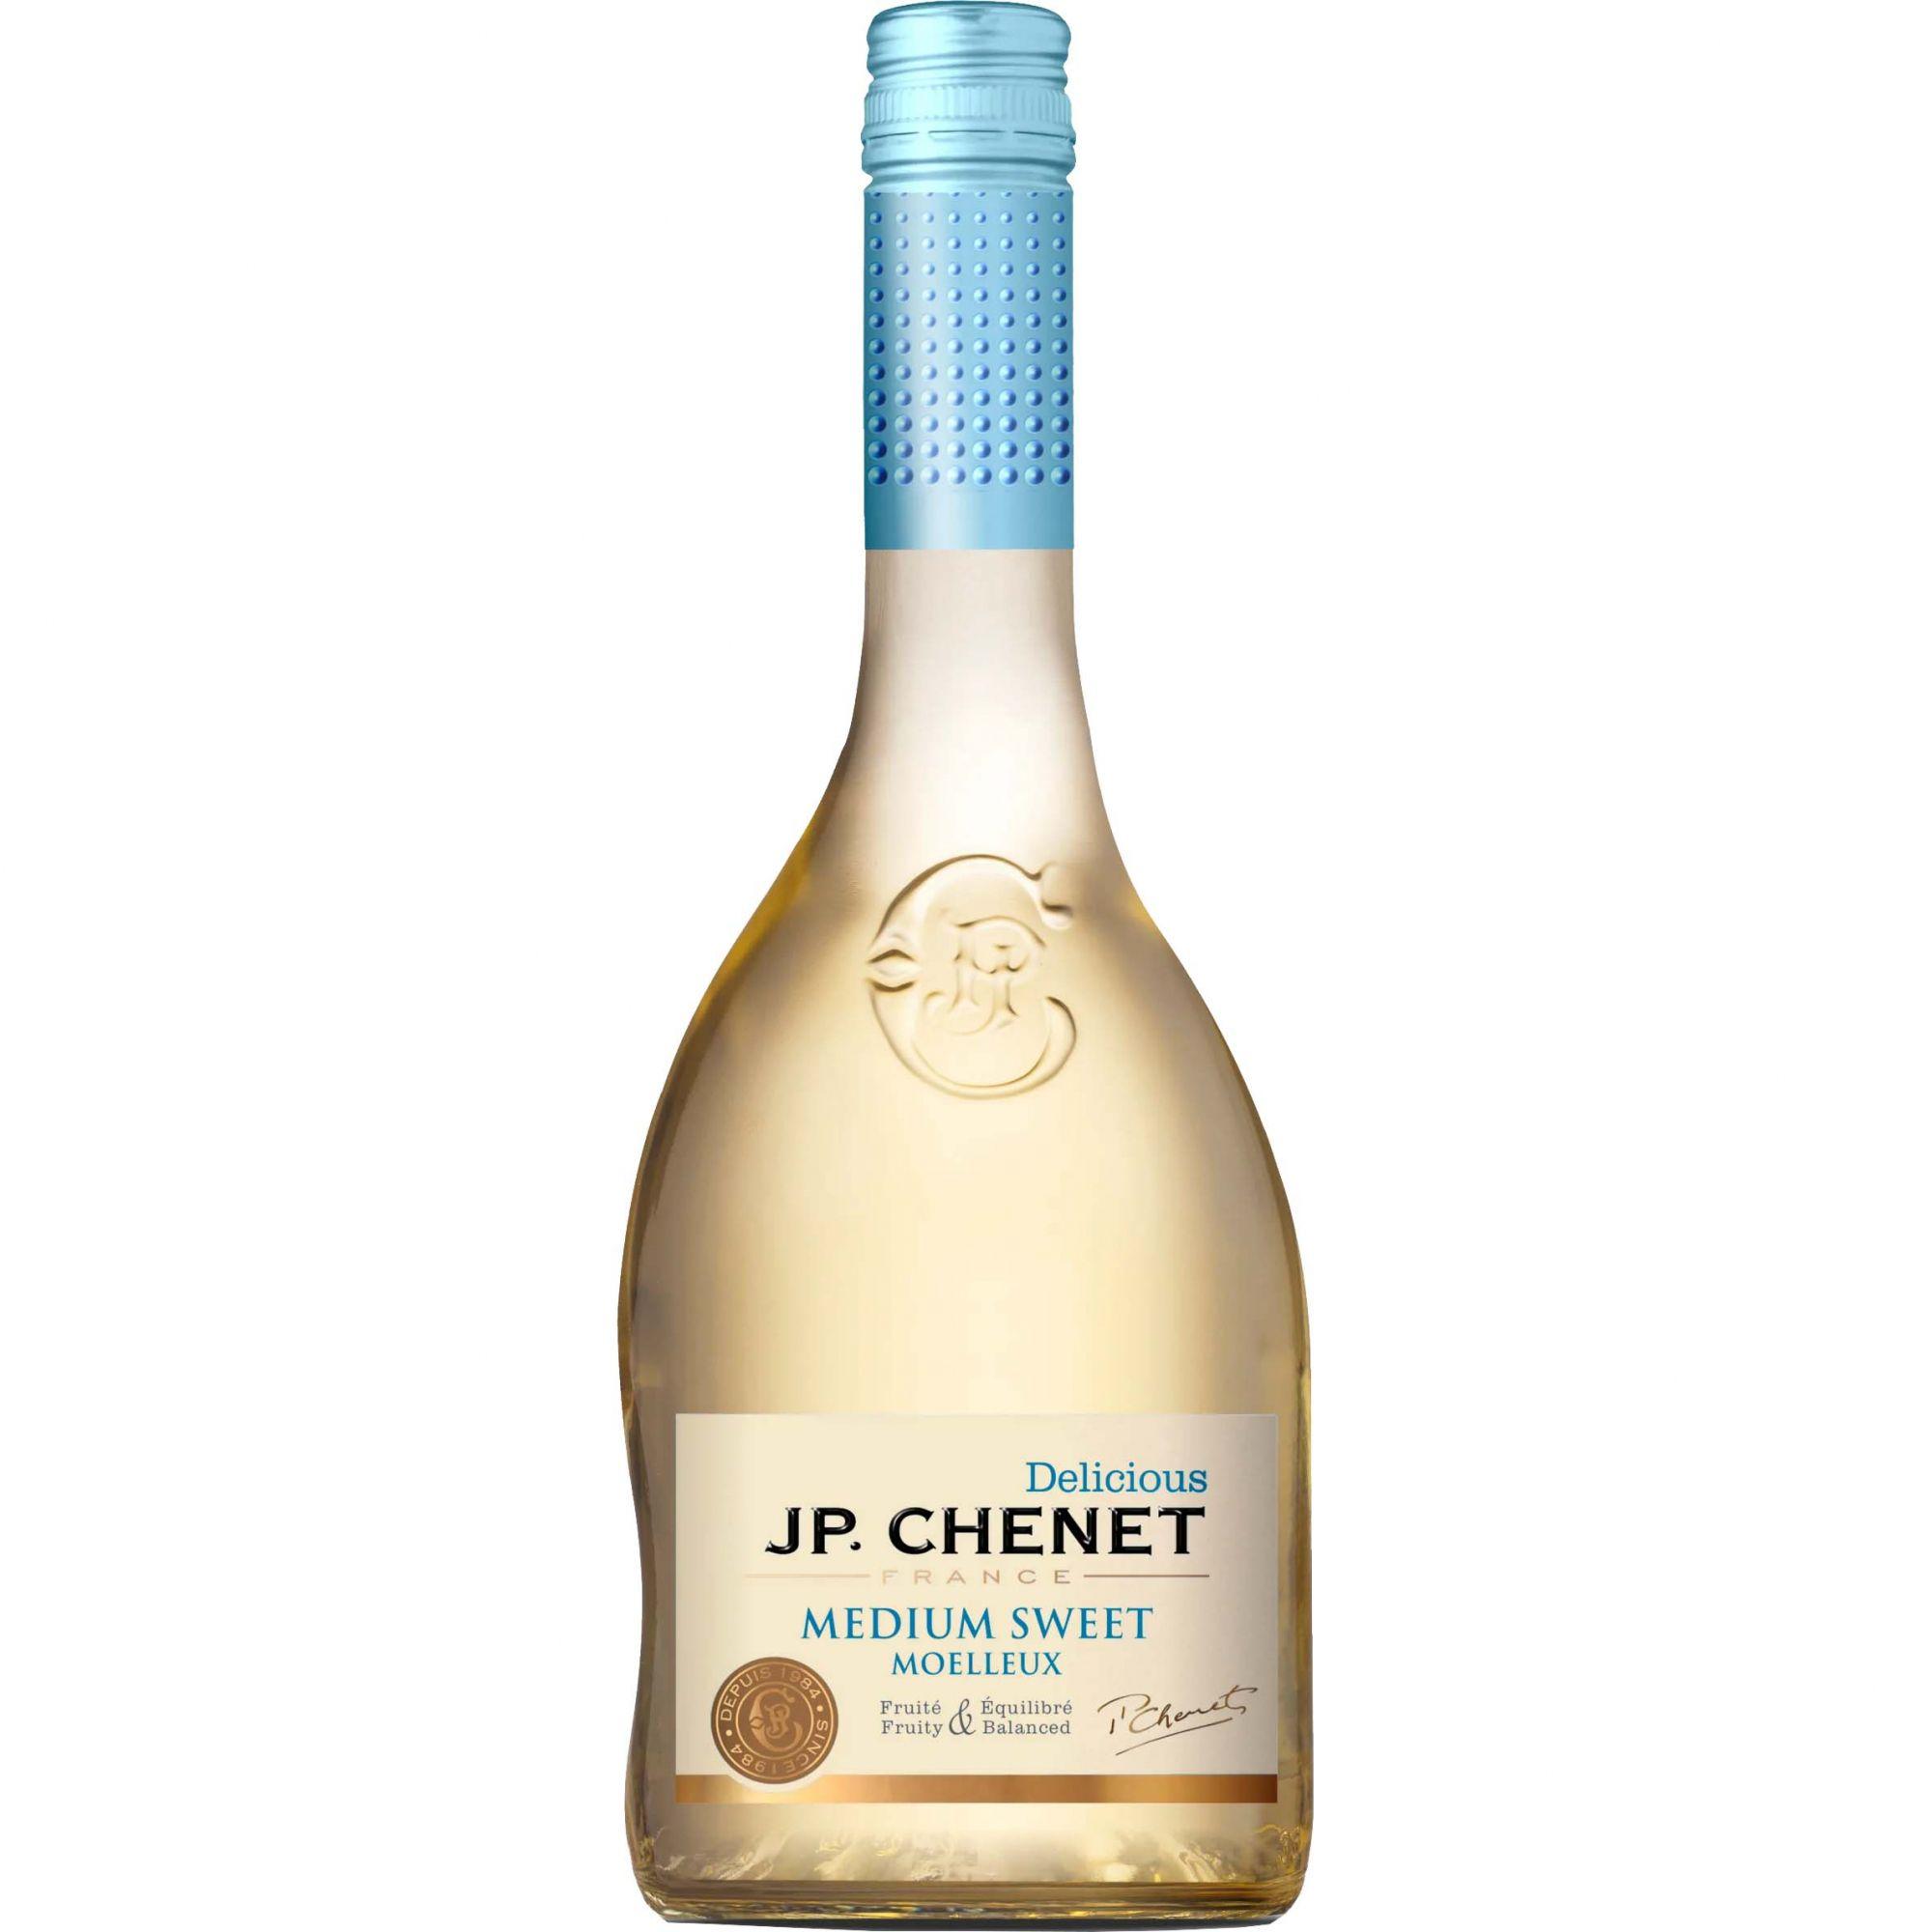 Vinho Branco JP Chenet Medium Sweet Moelleux - 750ml -